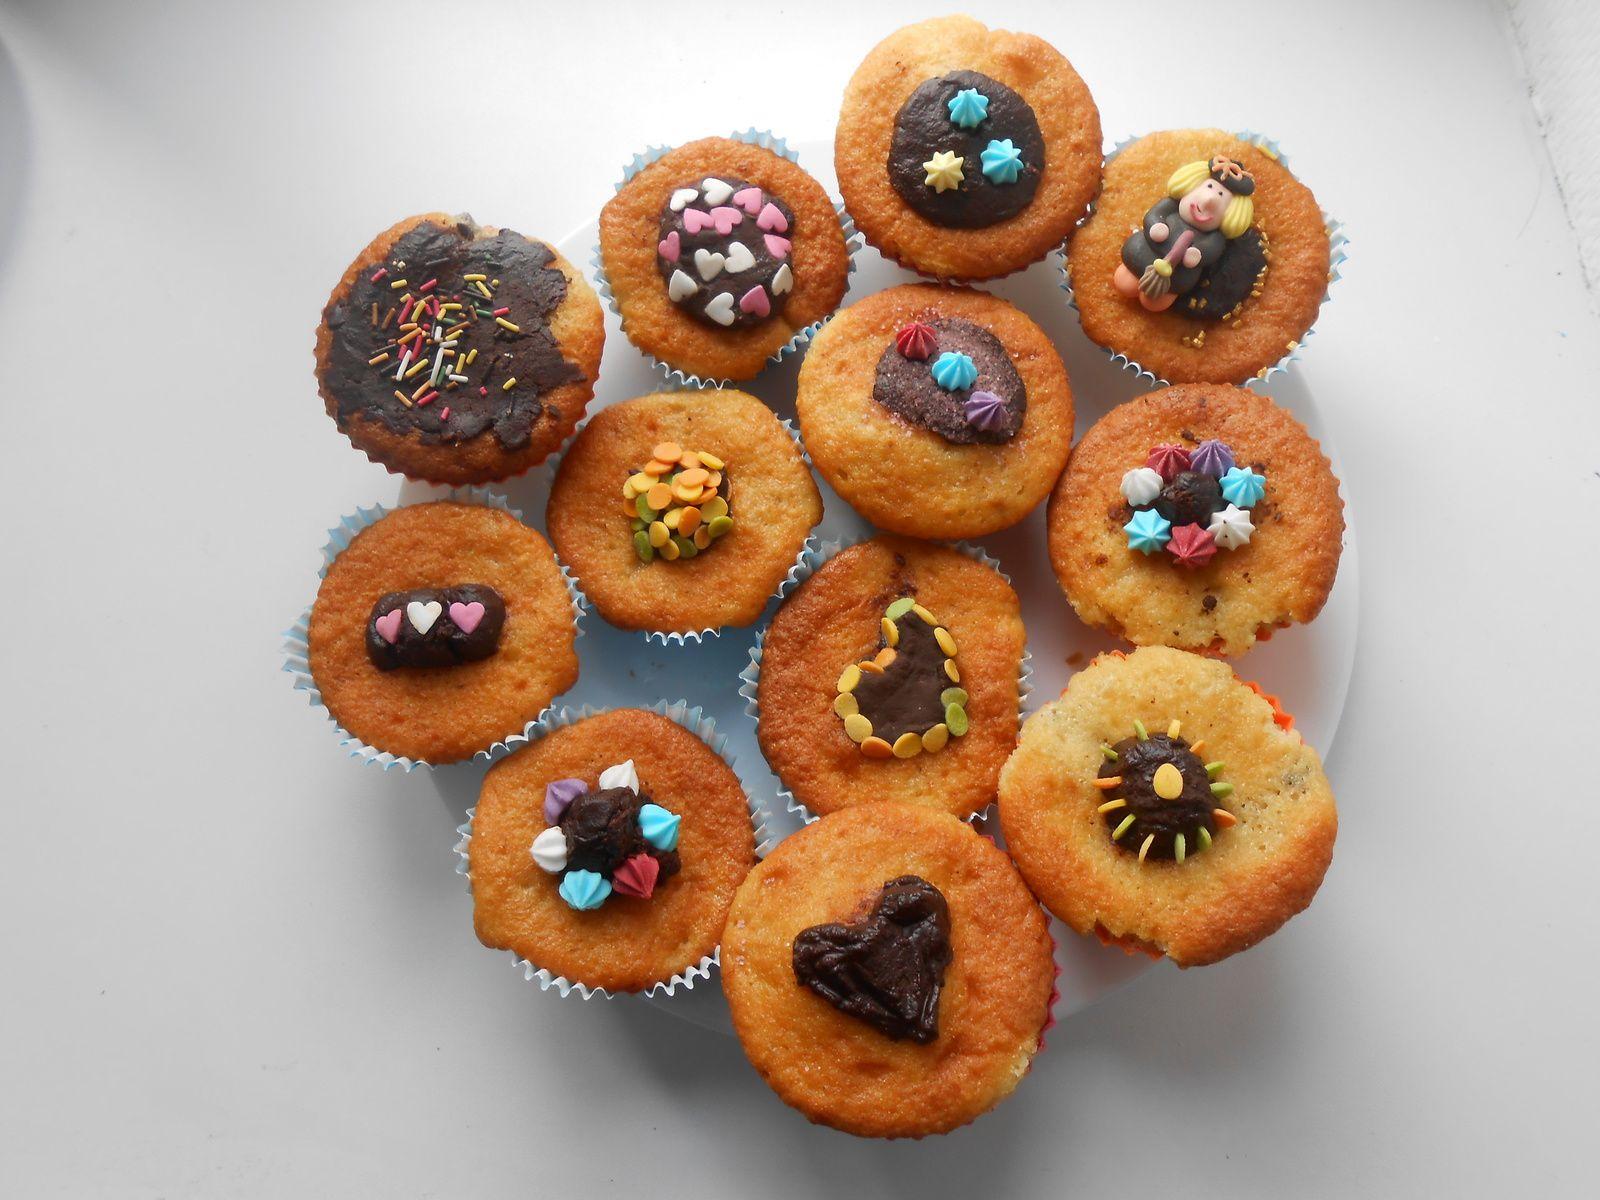 Cupcakes à la banane et au chocolat